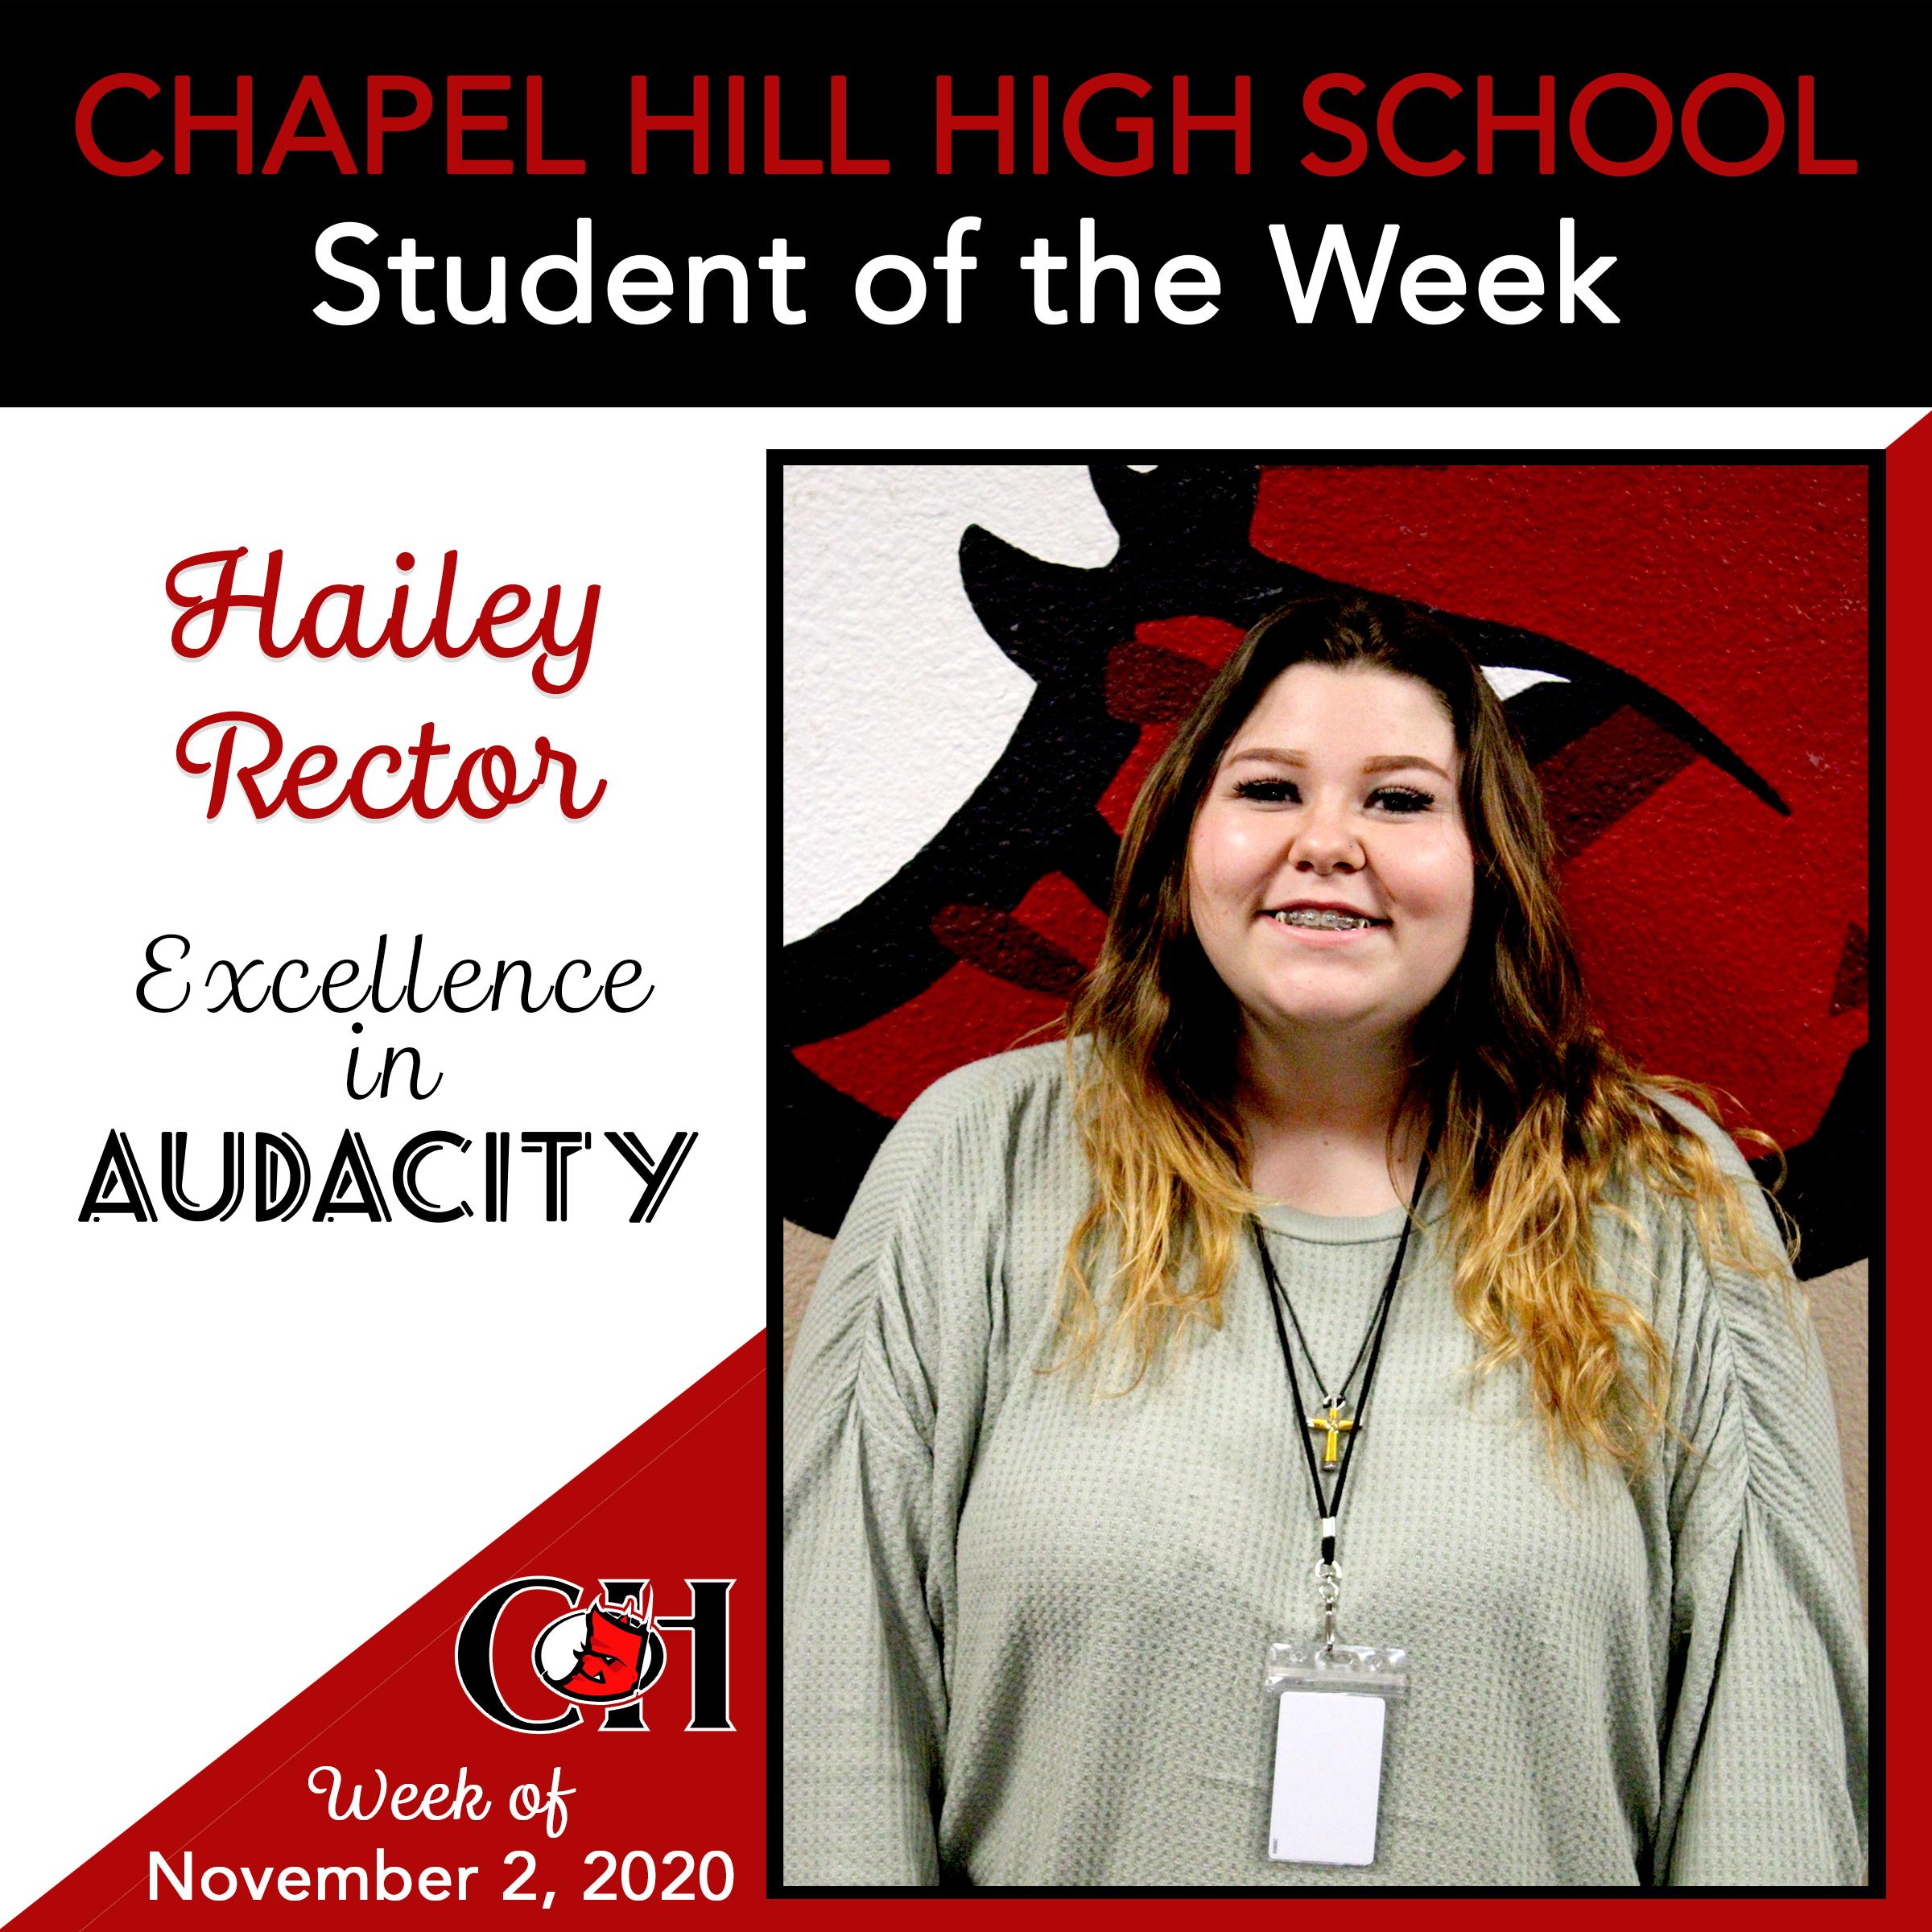 Hailey Rector - Audacity